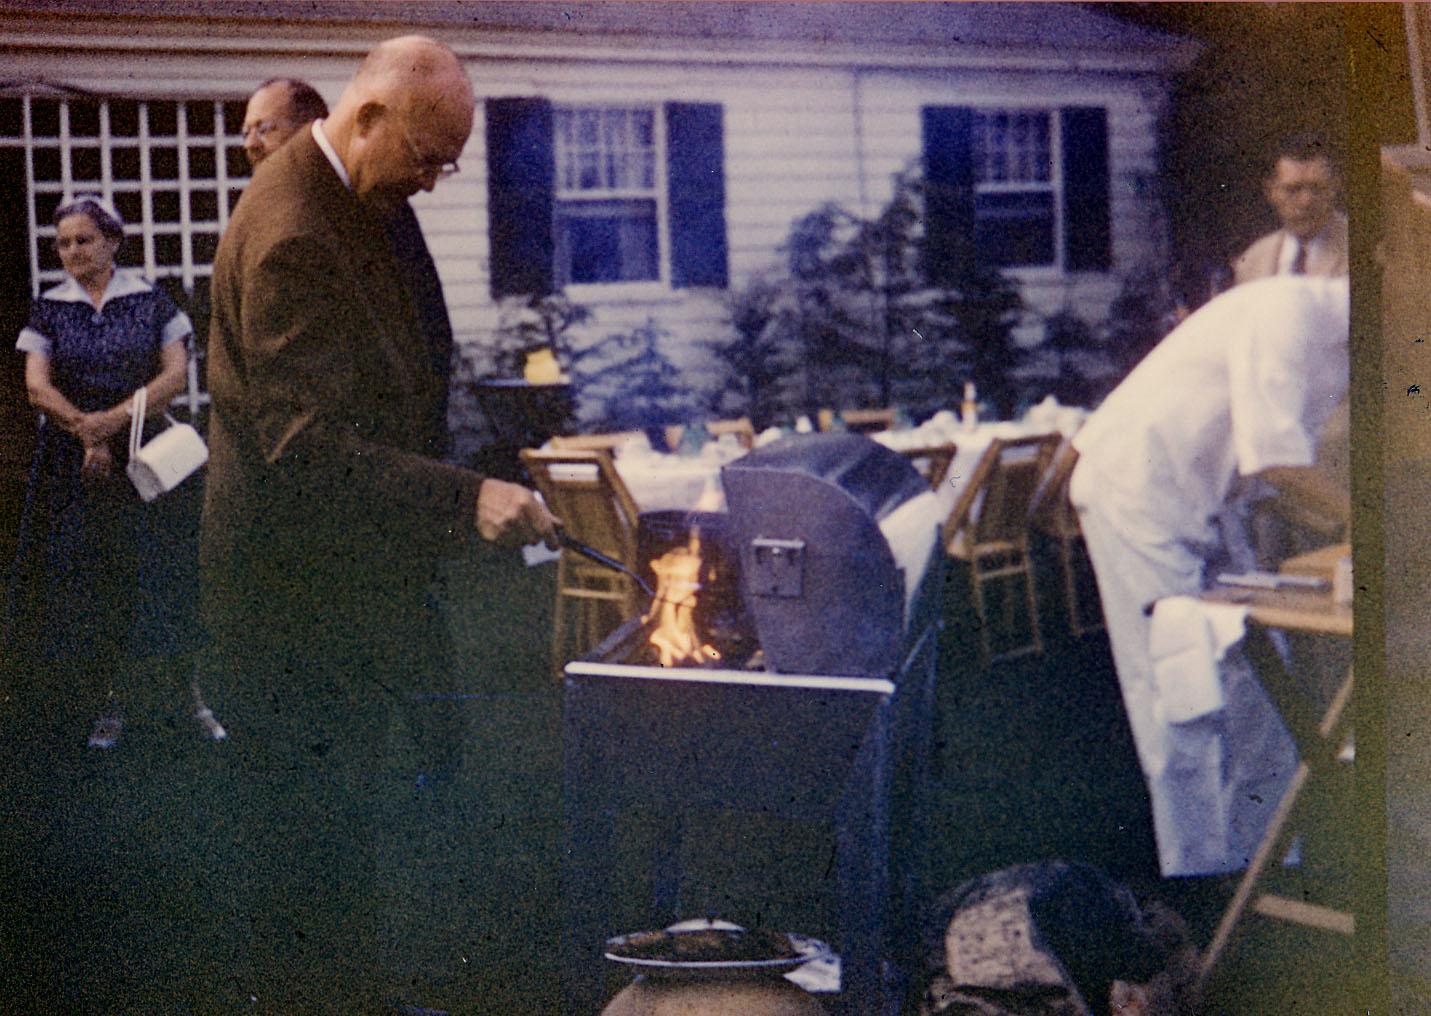 Looks like Ike liked fire too.